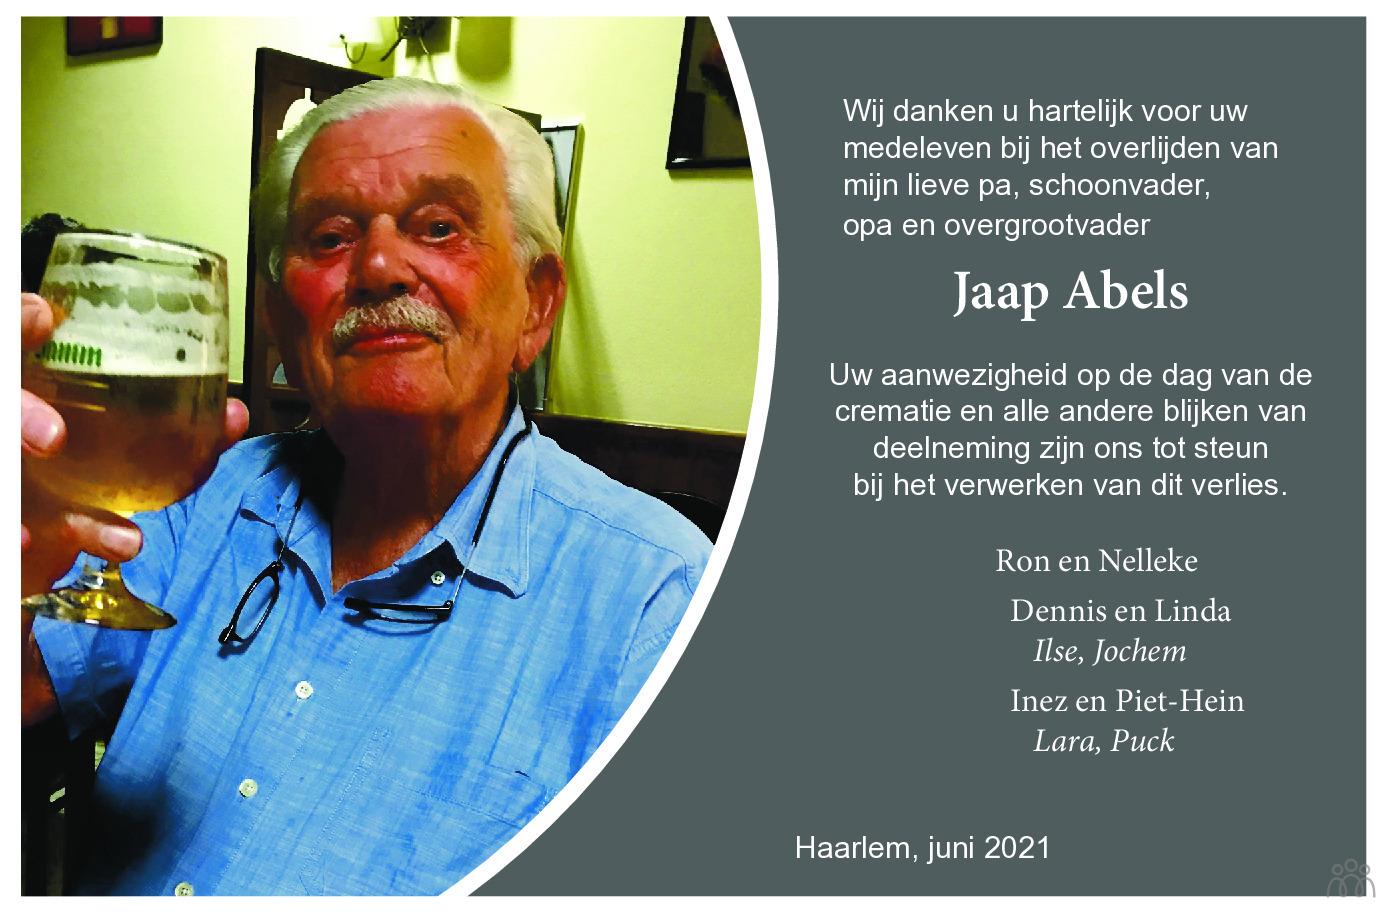 Overlijdensbericht van Jaap Abels in Haarlems Dagblad Kombinatie